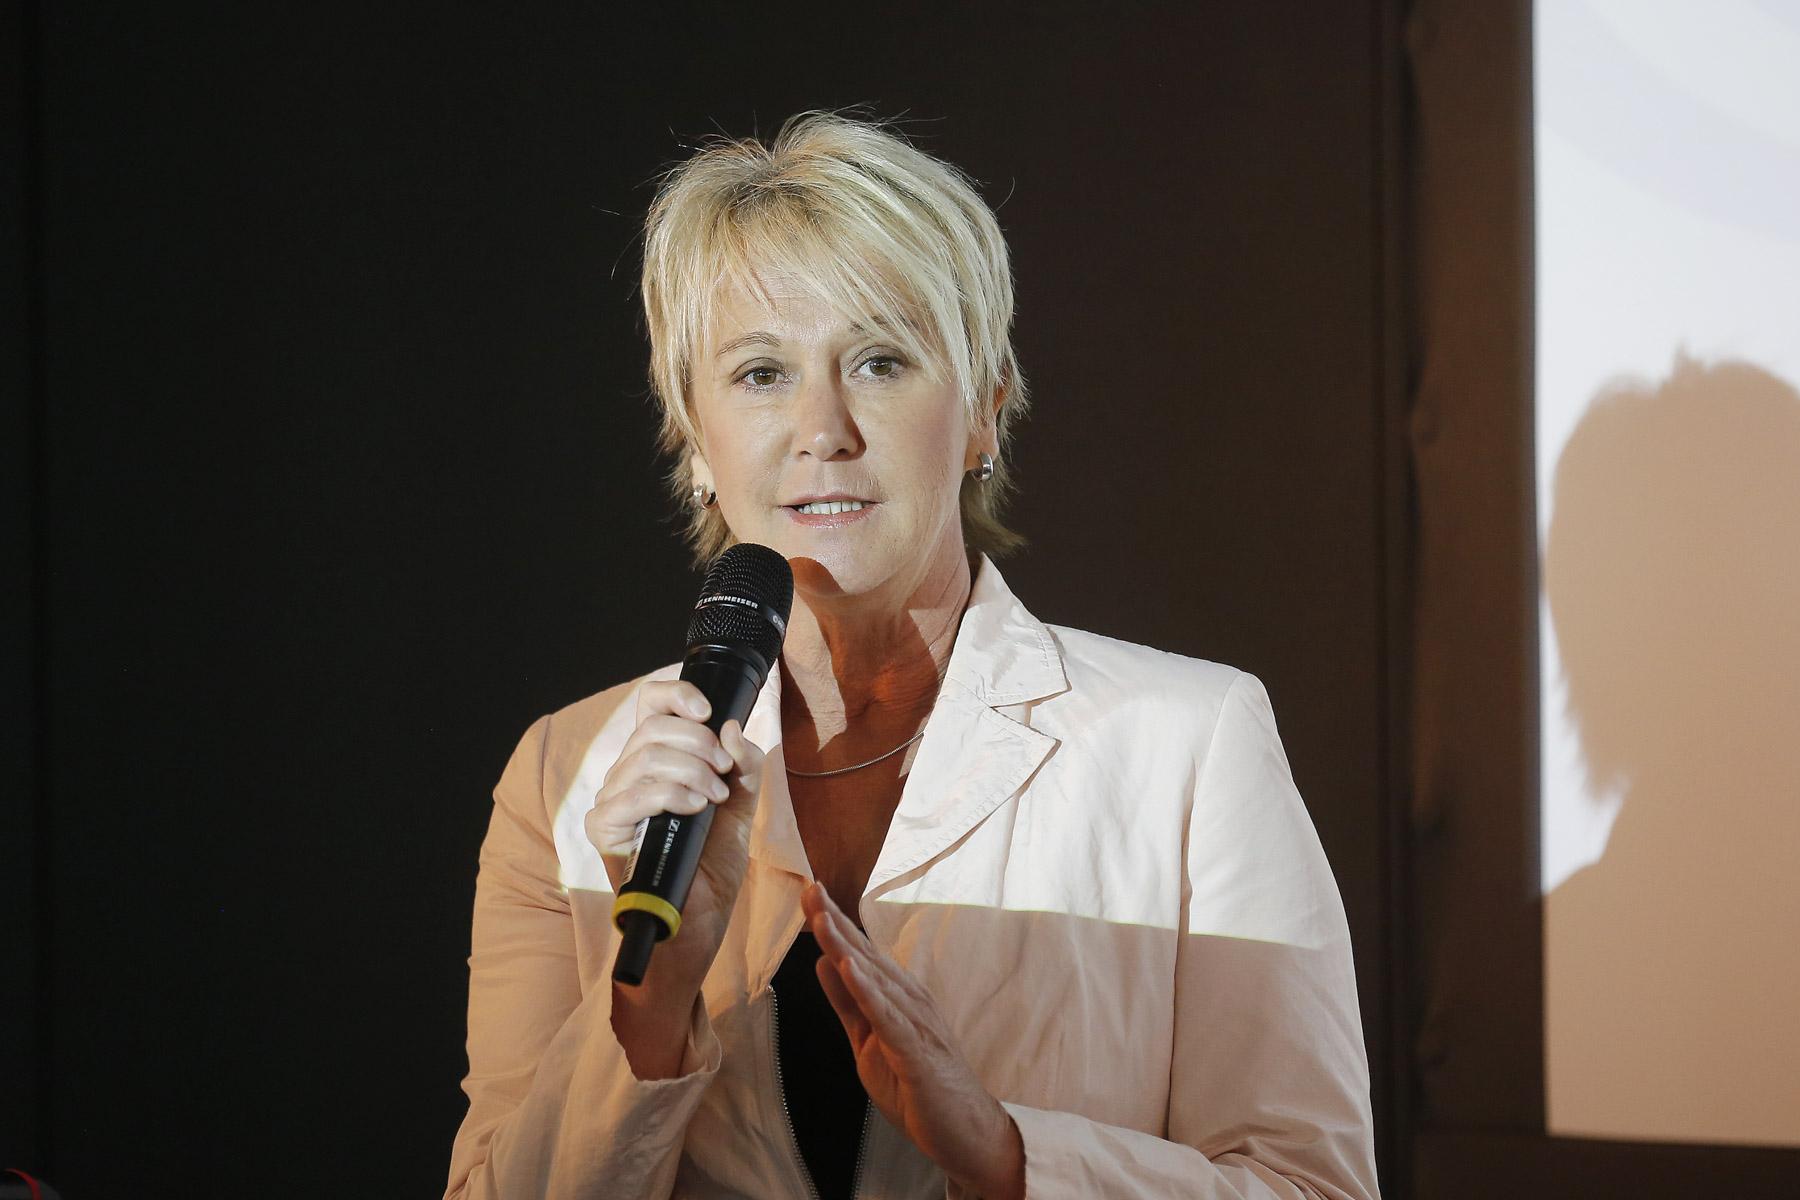 Andrea Mueller Moderation zur Eröffnung ´Interbad 2014´, Messe Stuttgart im Oktober 2014